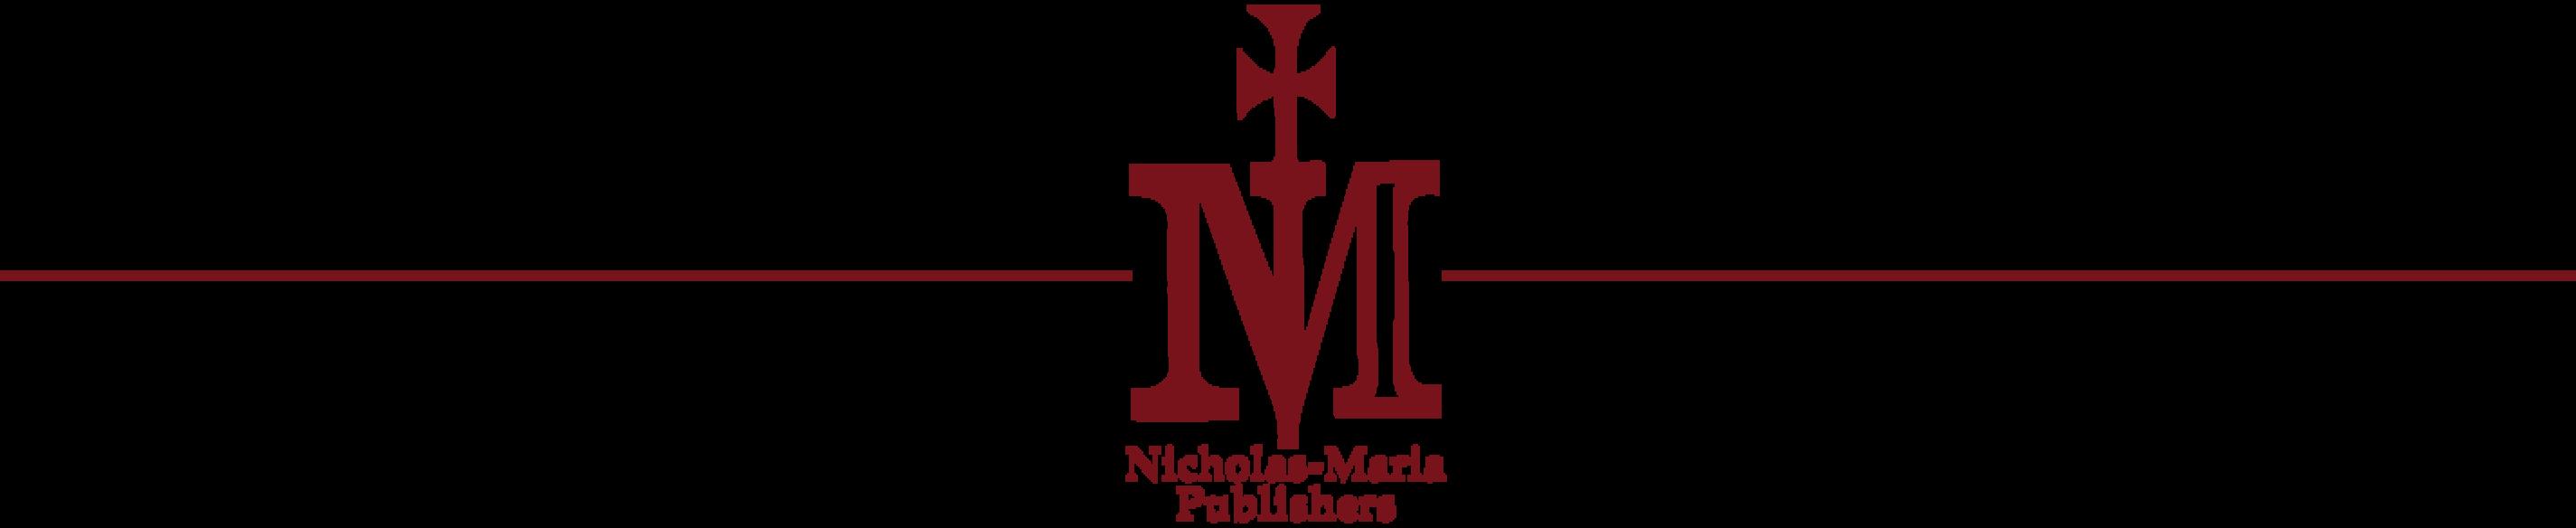 Nm Logo 2017 Wordmark Lines